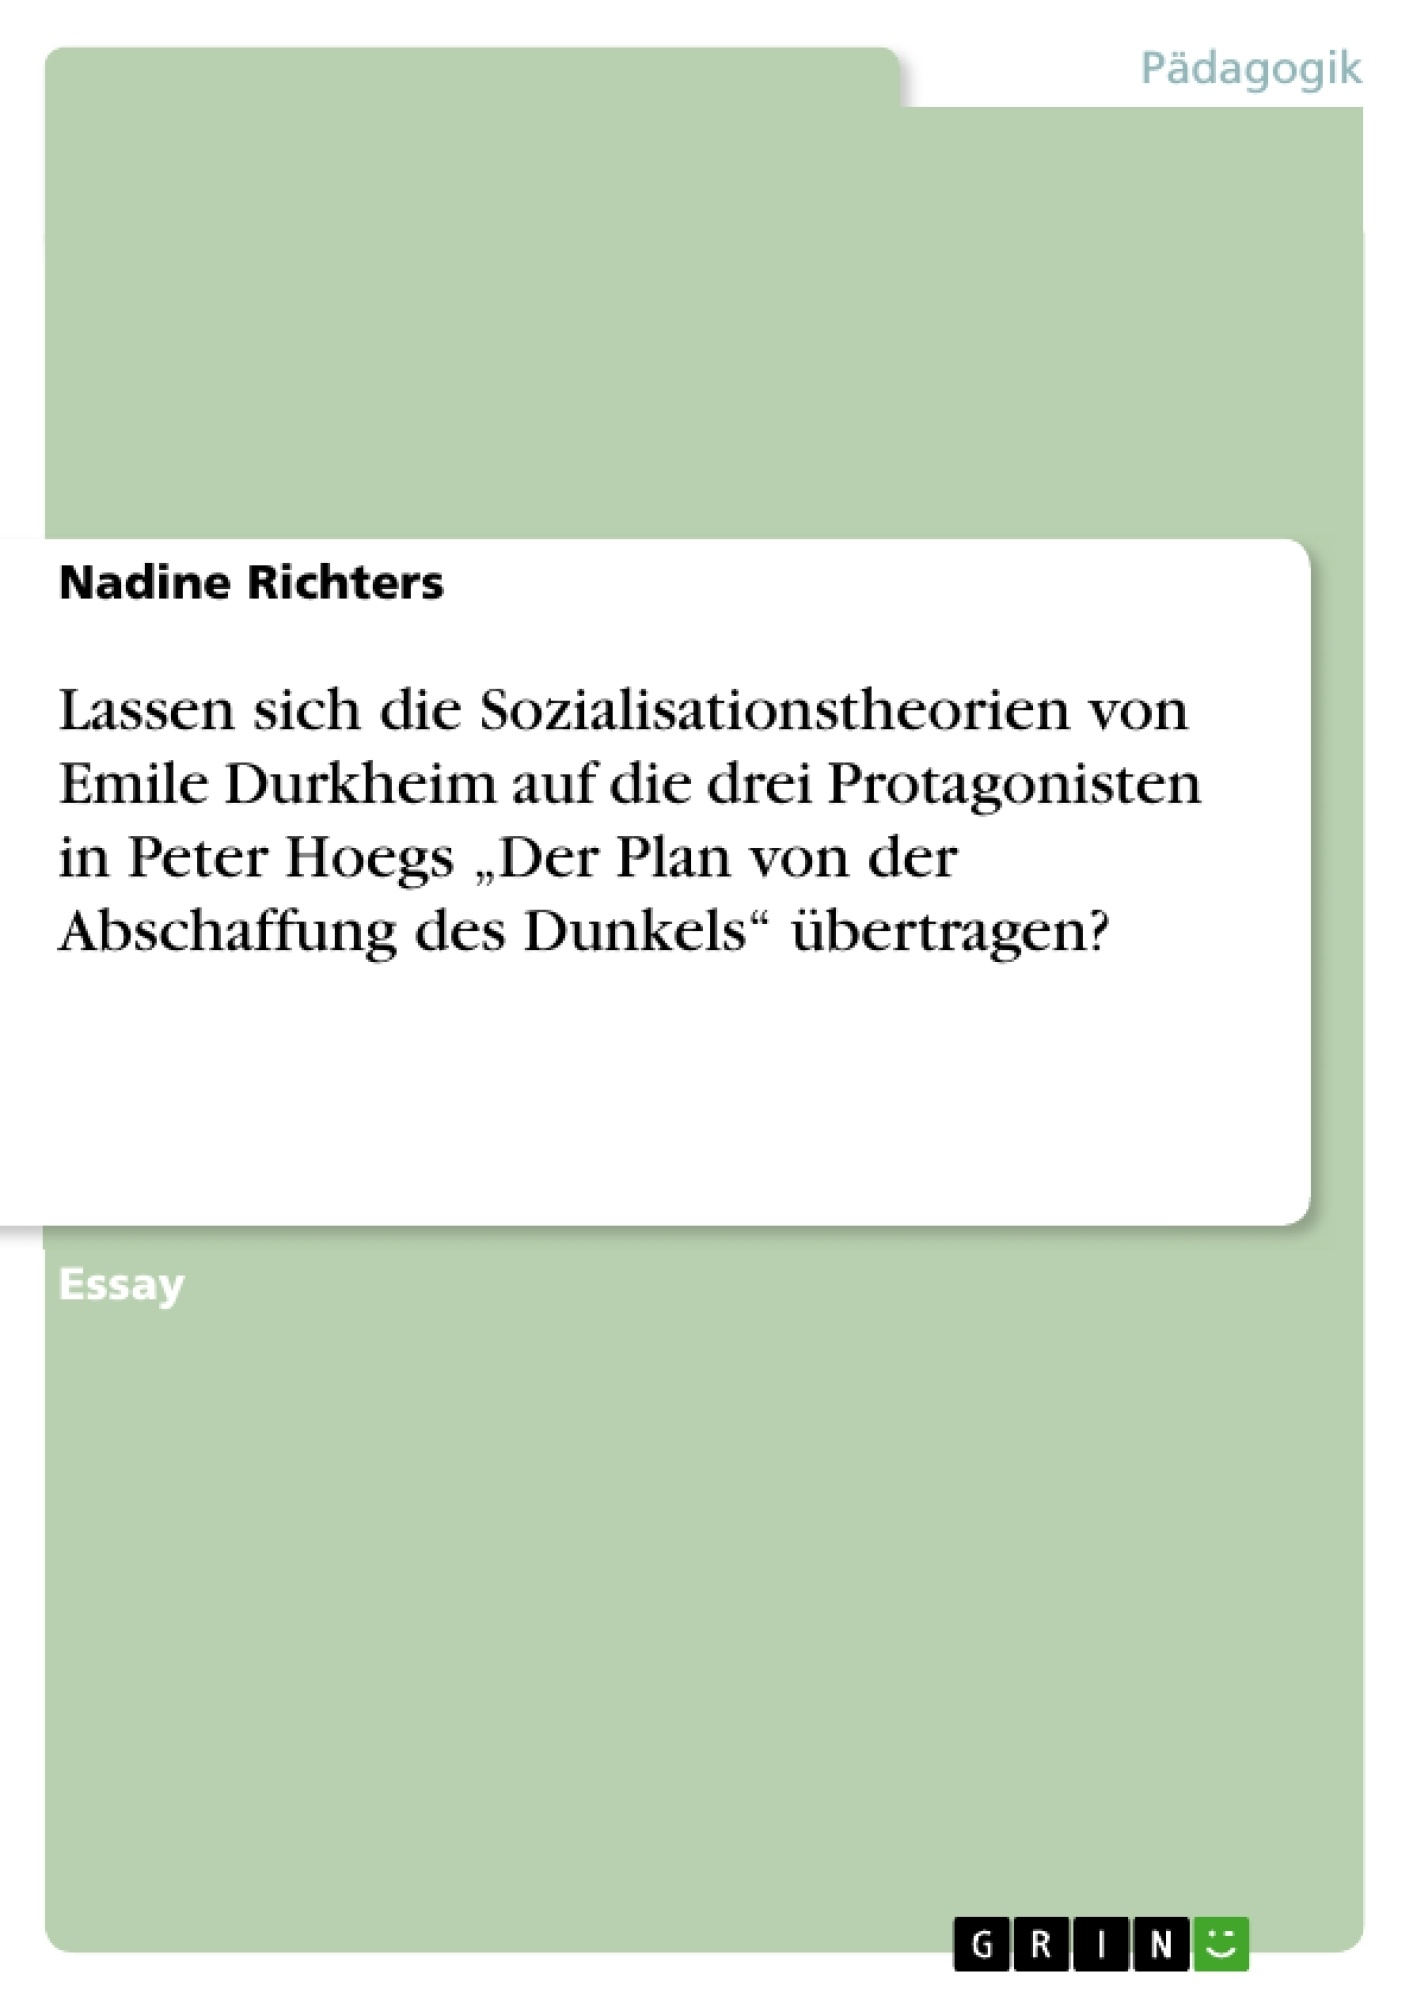 """Titel: Lassen sich die Sozialisationstheorien von Emile Durkheim auf die drei Protagonisten in Peter Hoegs """"Der Plan von der Abschaffung des Dunkels"""" übertragen?"""